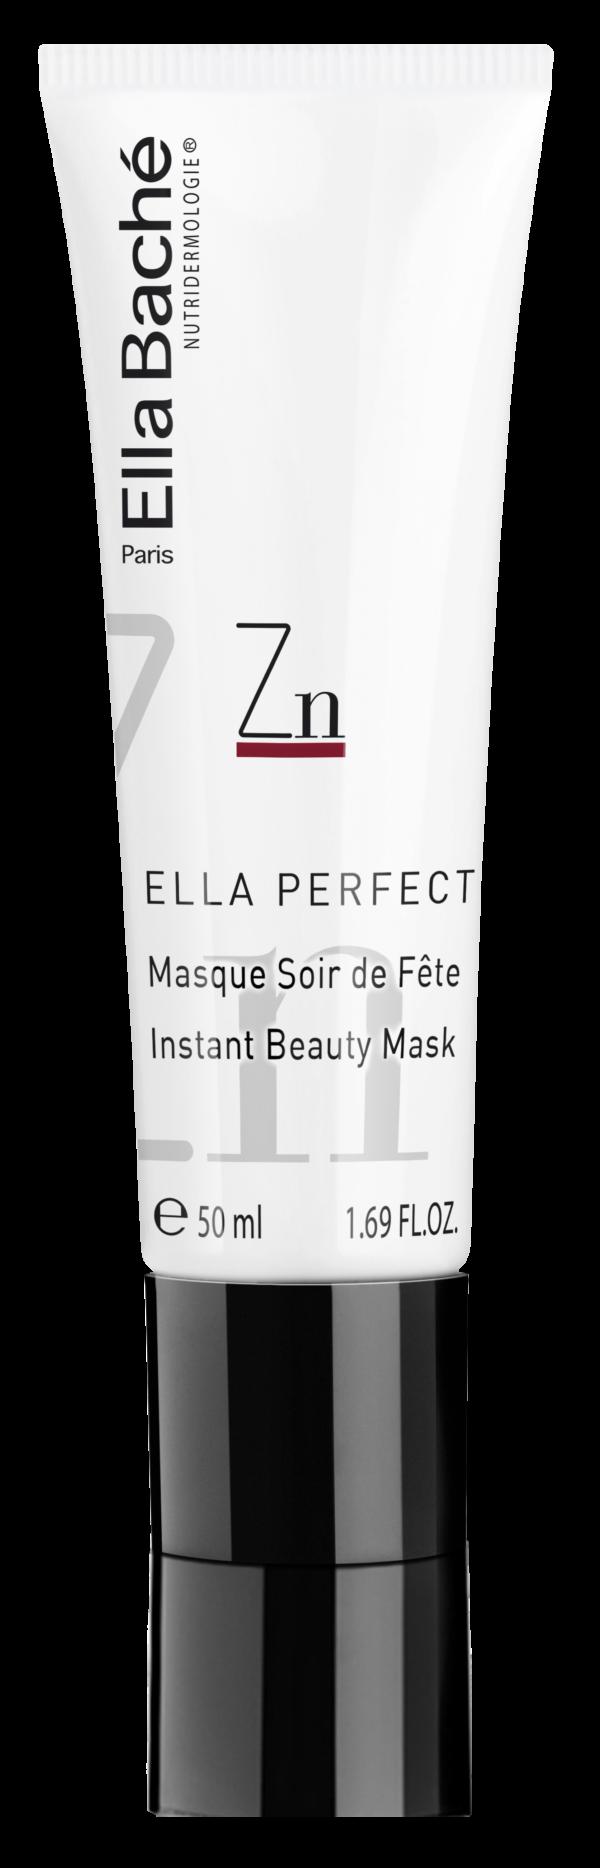 4594 beauty mask